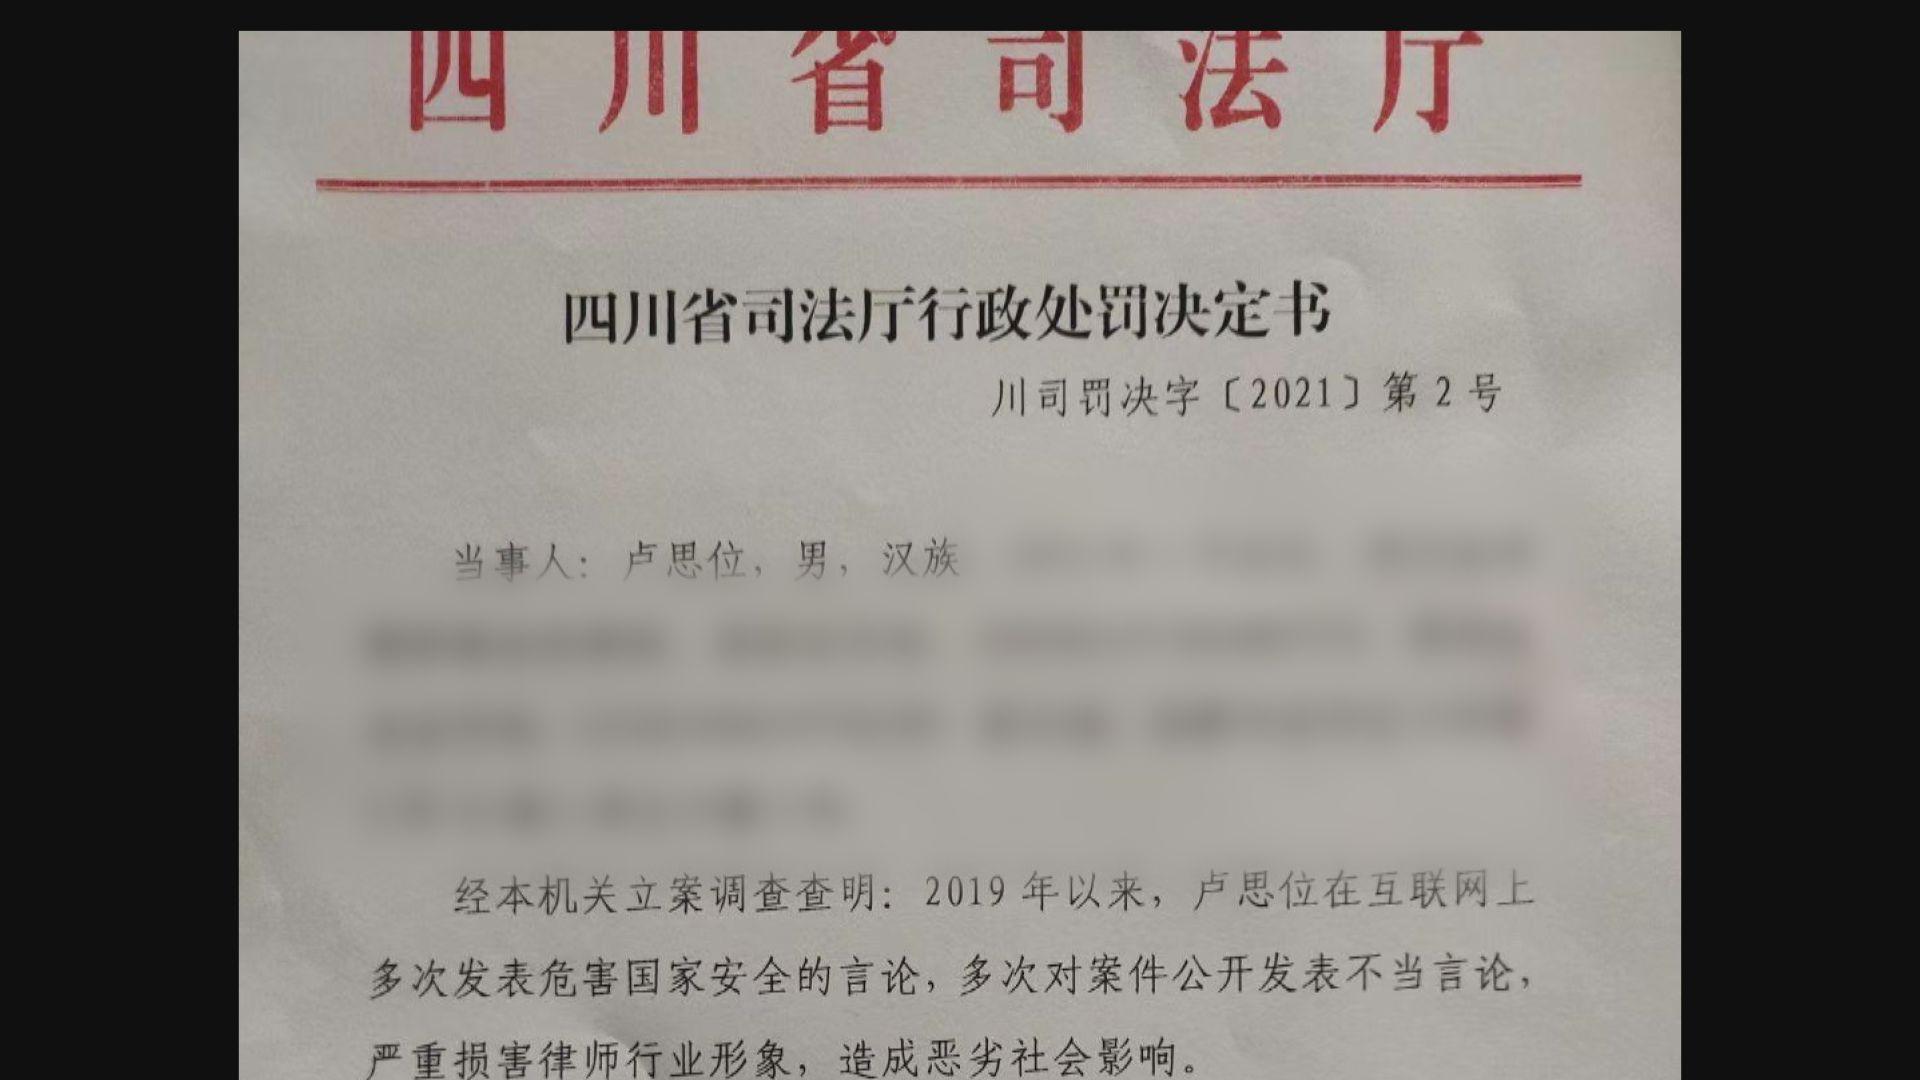 12港人案 家屬委託律師盧思位被吊銷律師執照